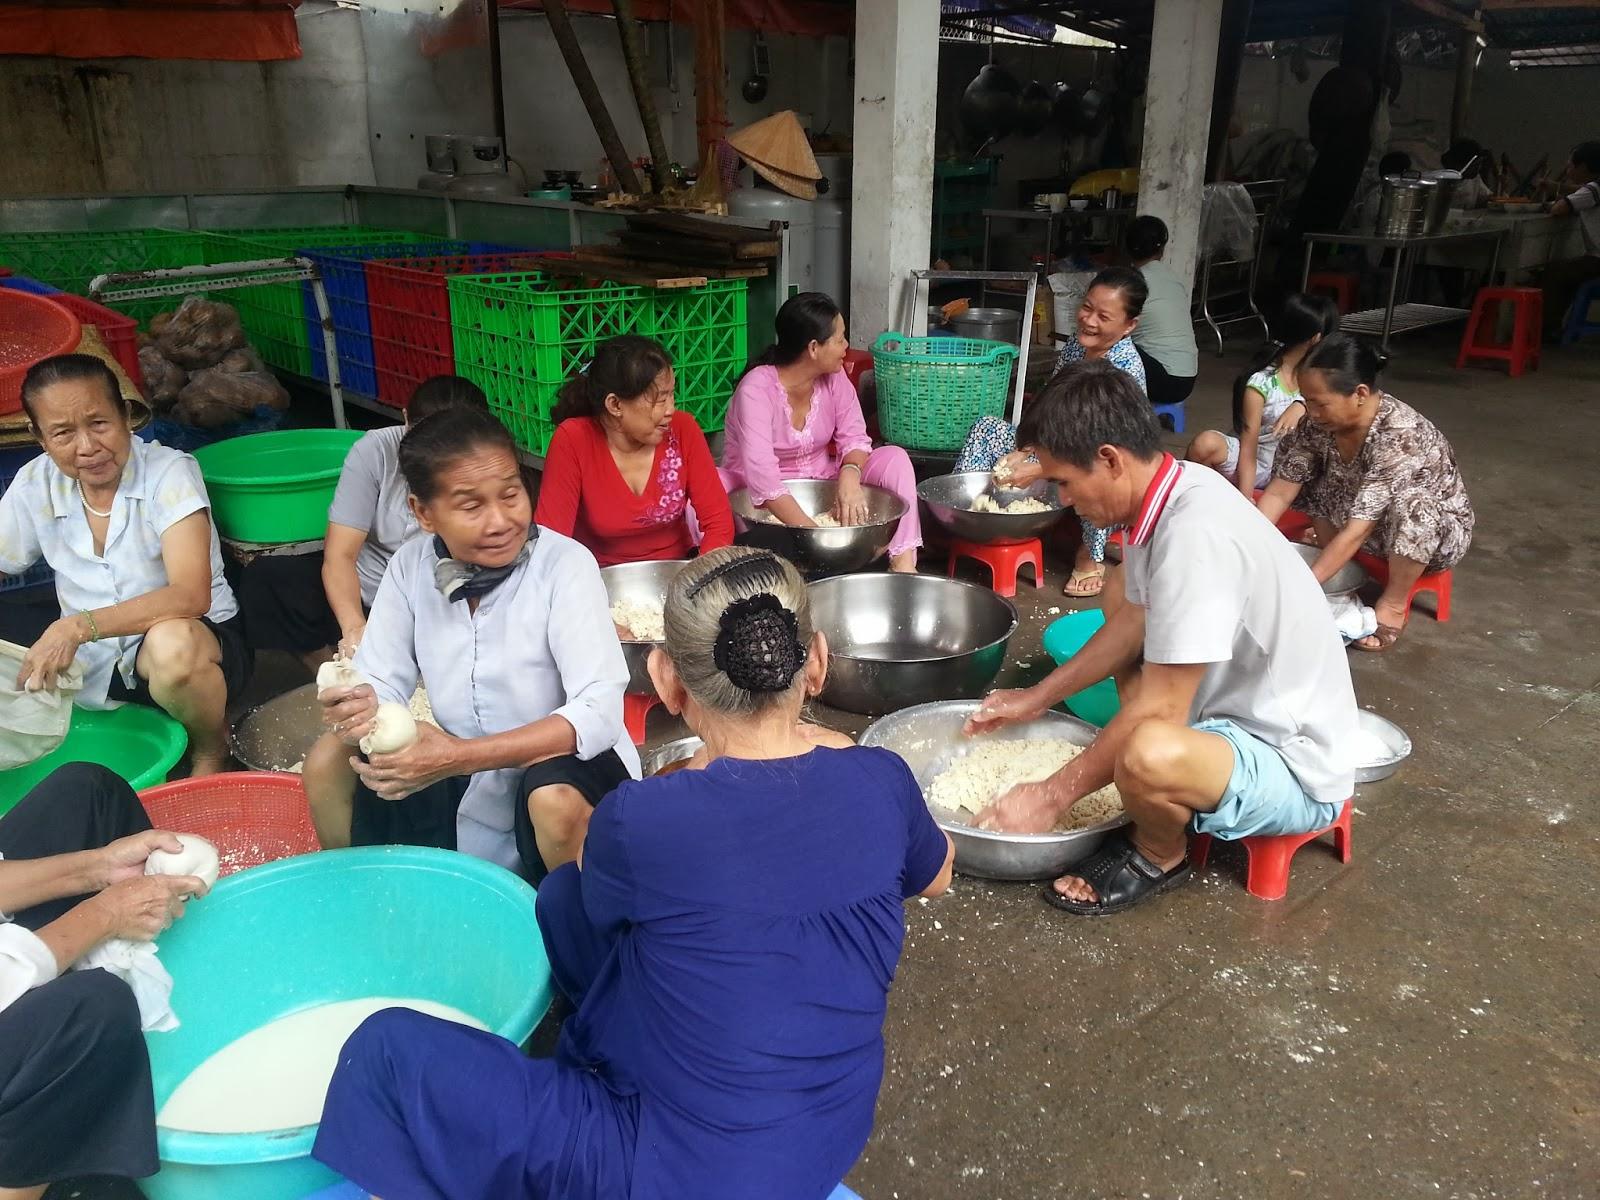 Nhật Liên: Bếp ăn từ thiện cho bệnh nhân nghèo quý 3/2013